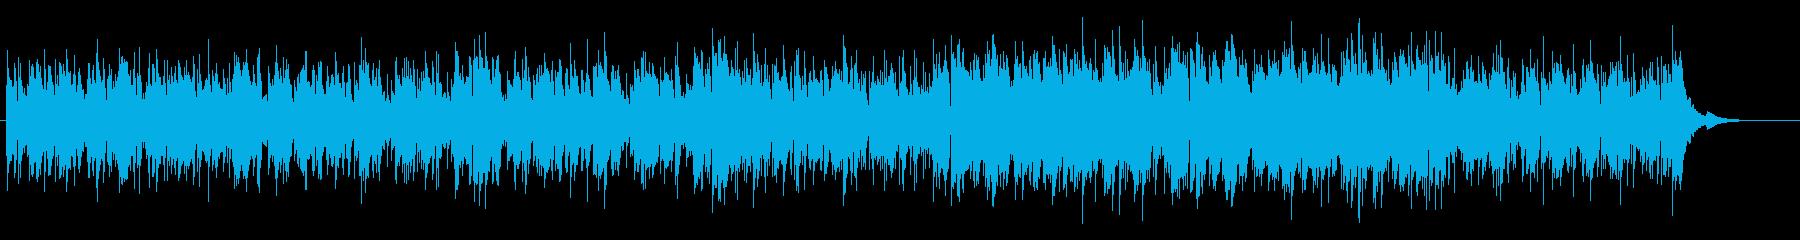 AOR風ダンディなピアノ・フュージョンの再生済みの波形